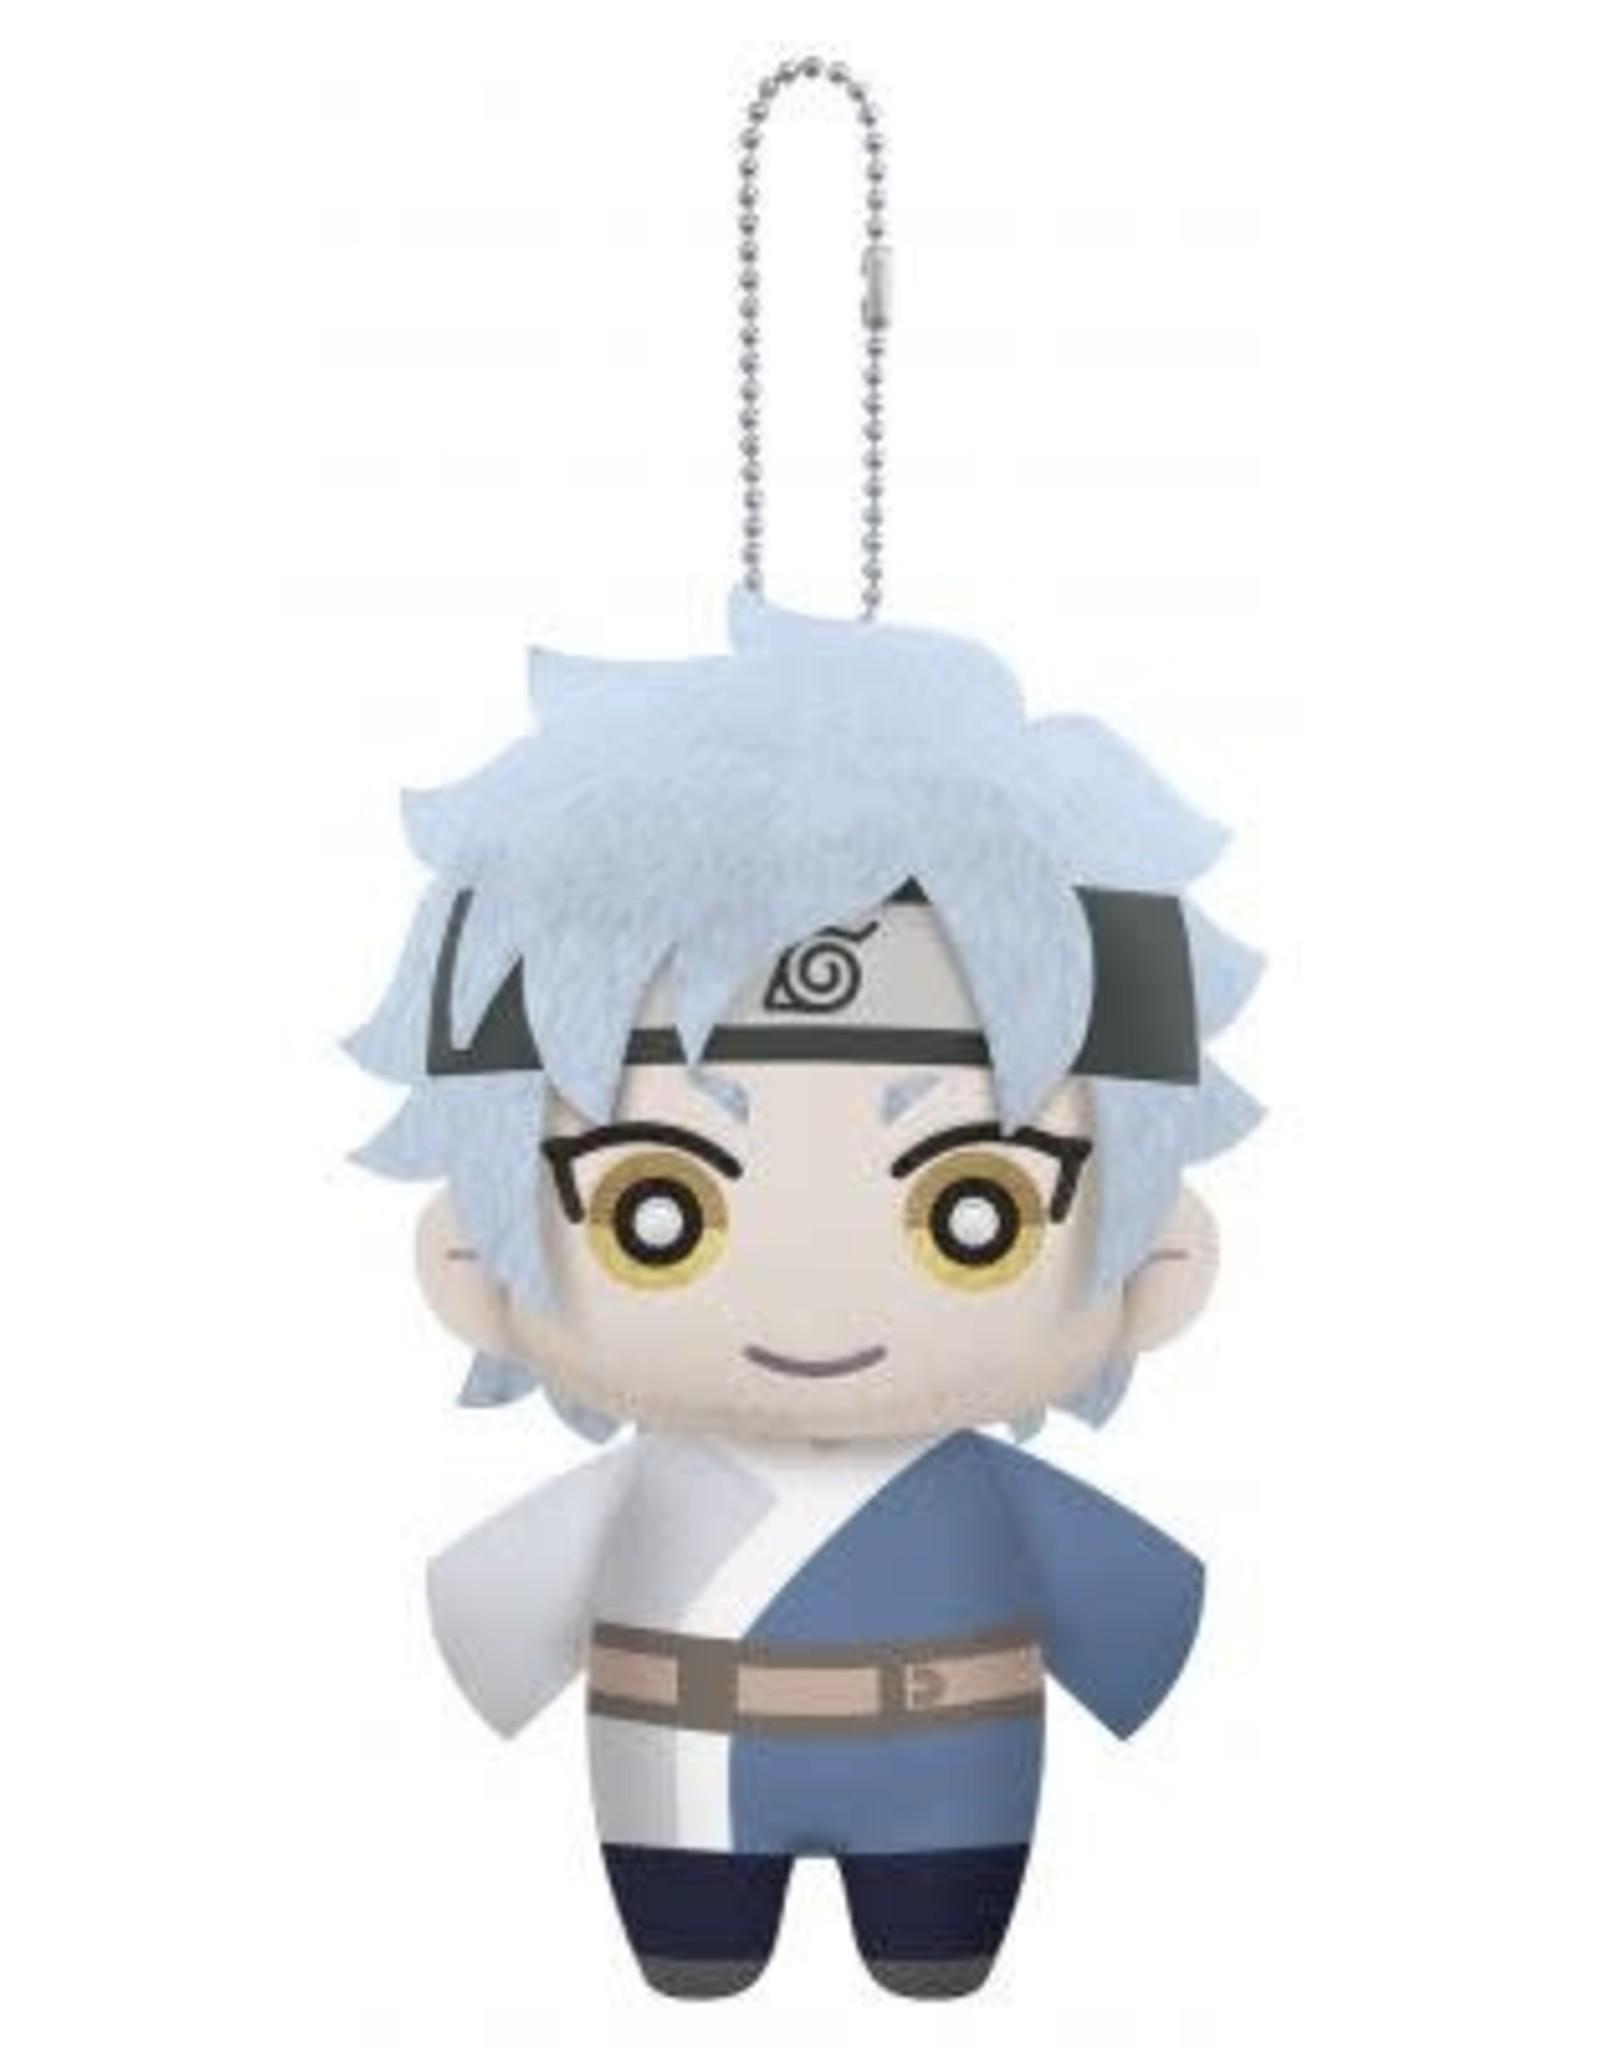 Naruto - Mitsuki 6 inch plushie